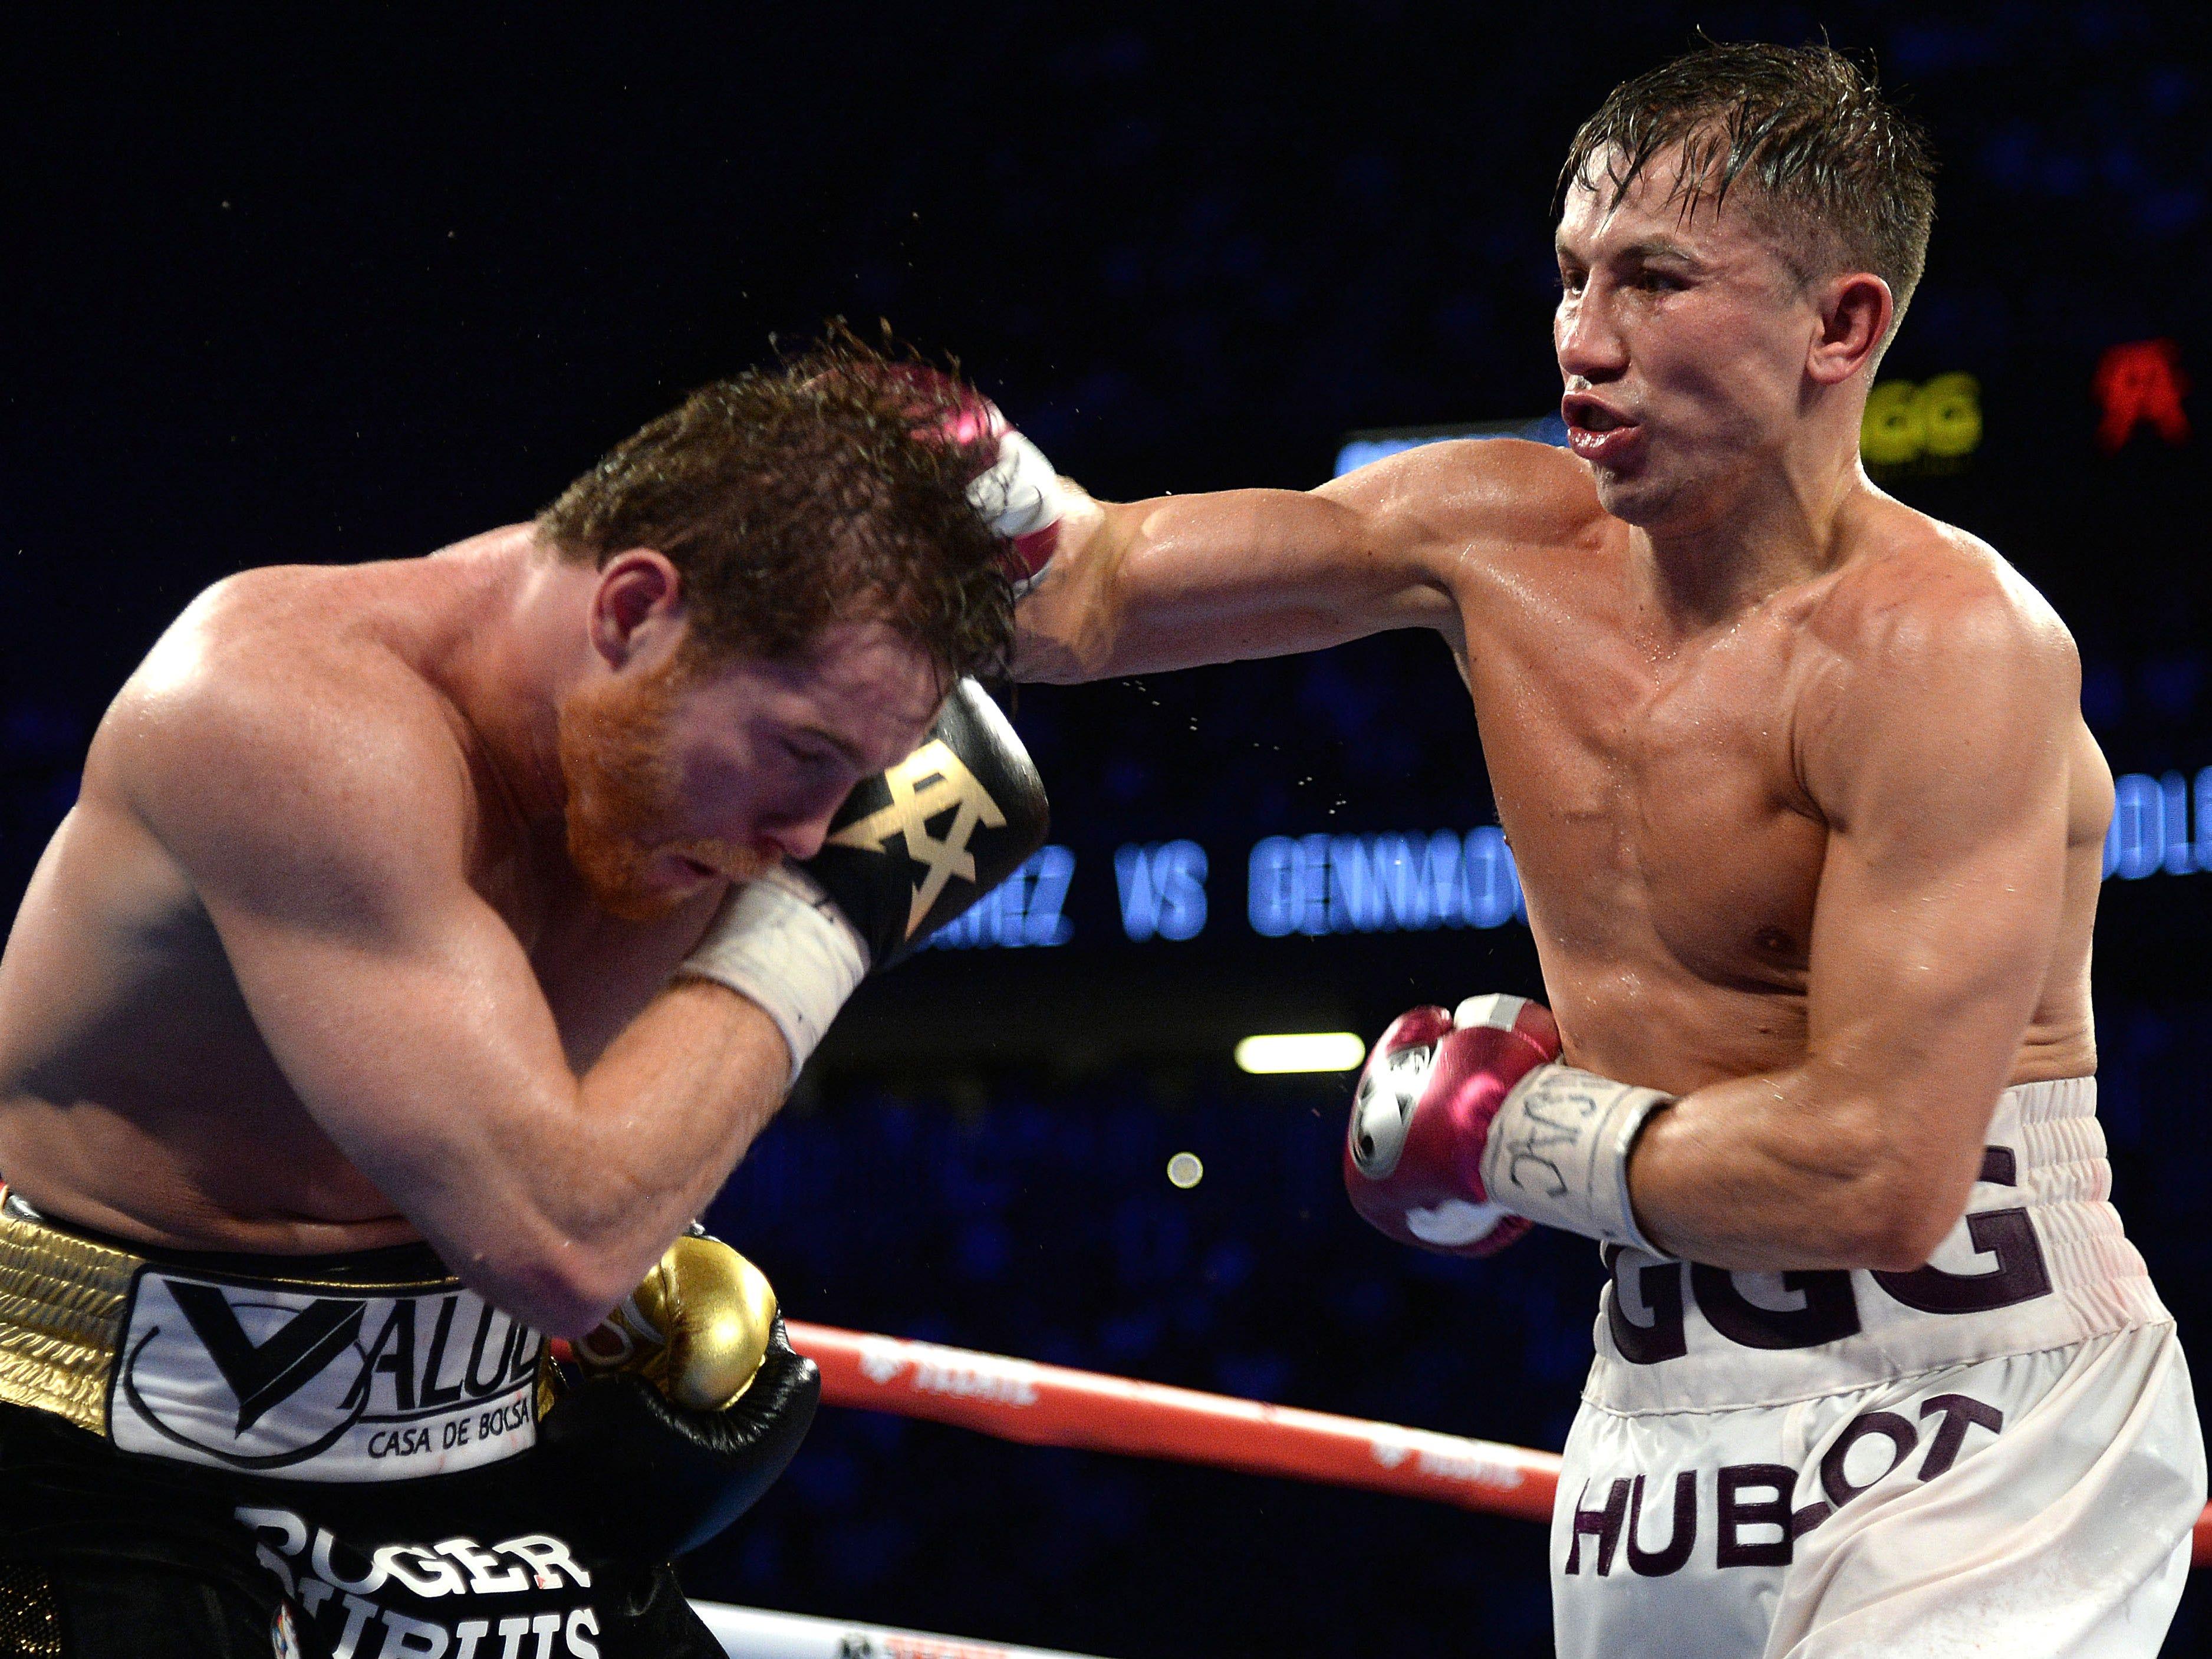 Golovkin throws a punch against Alvarez.